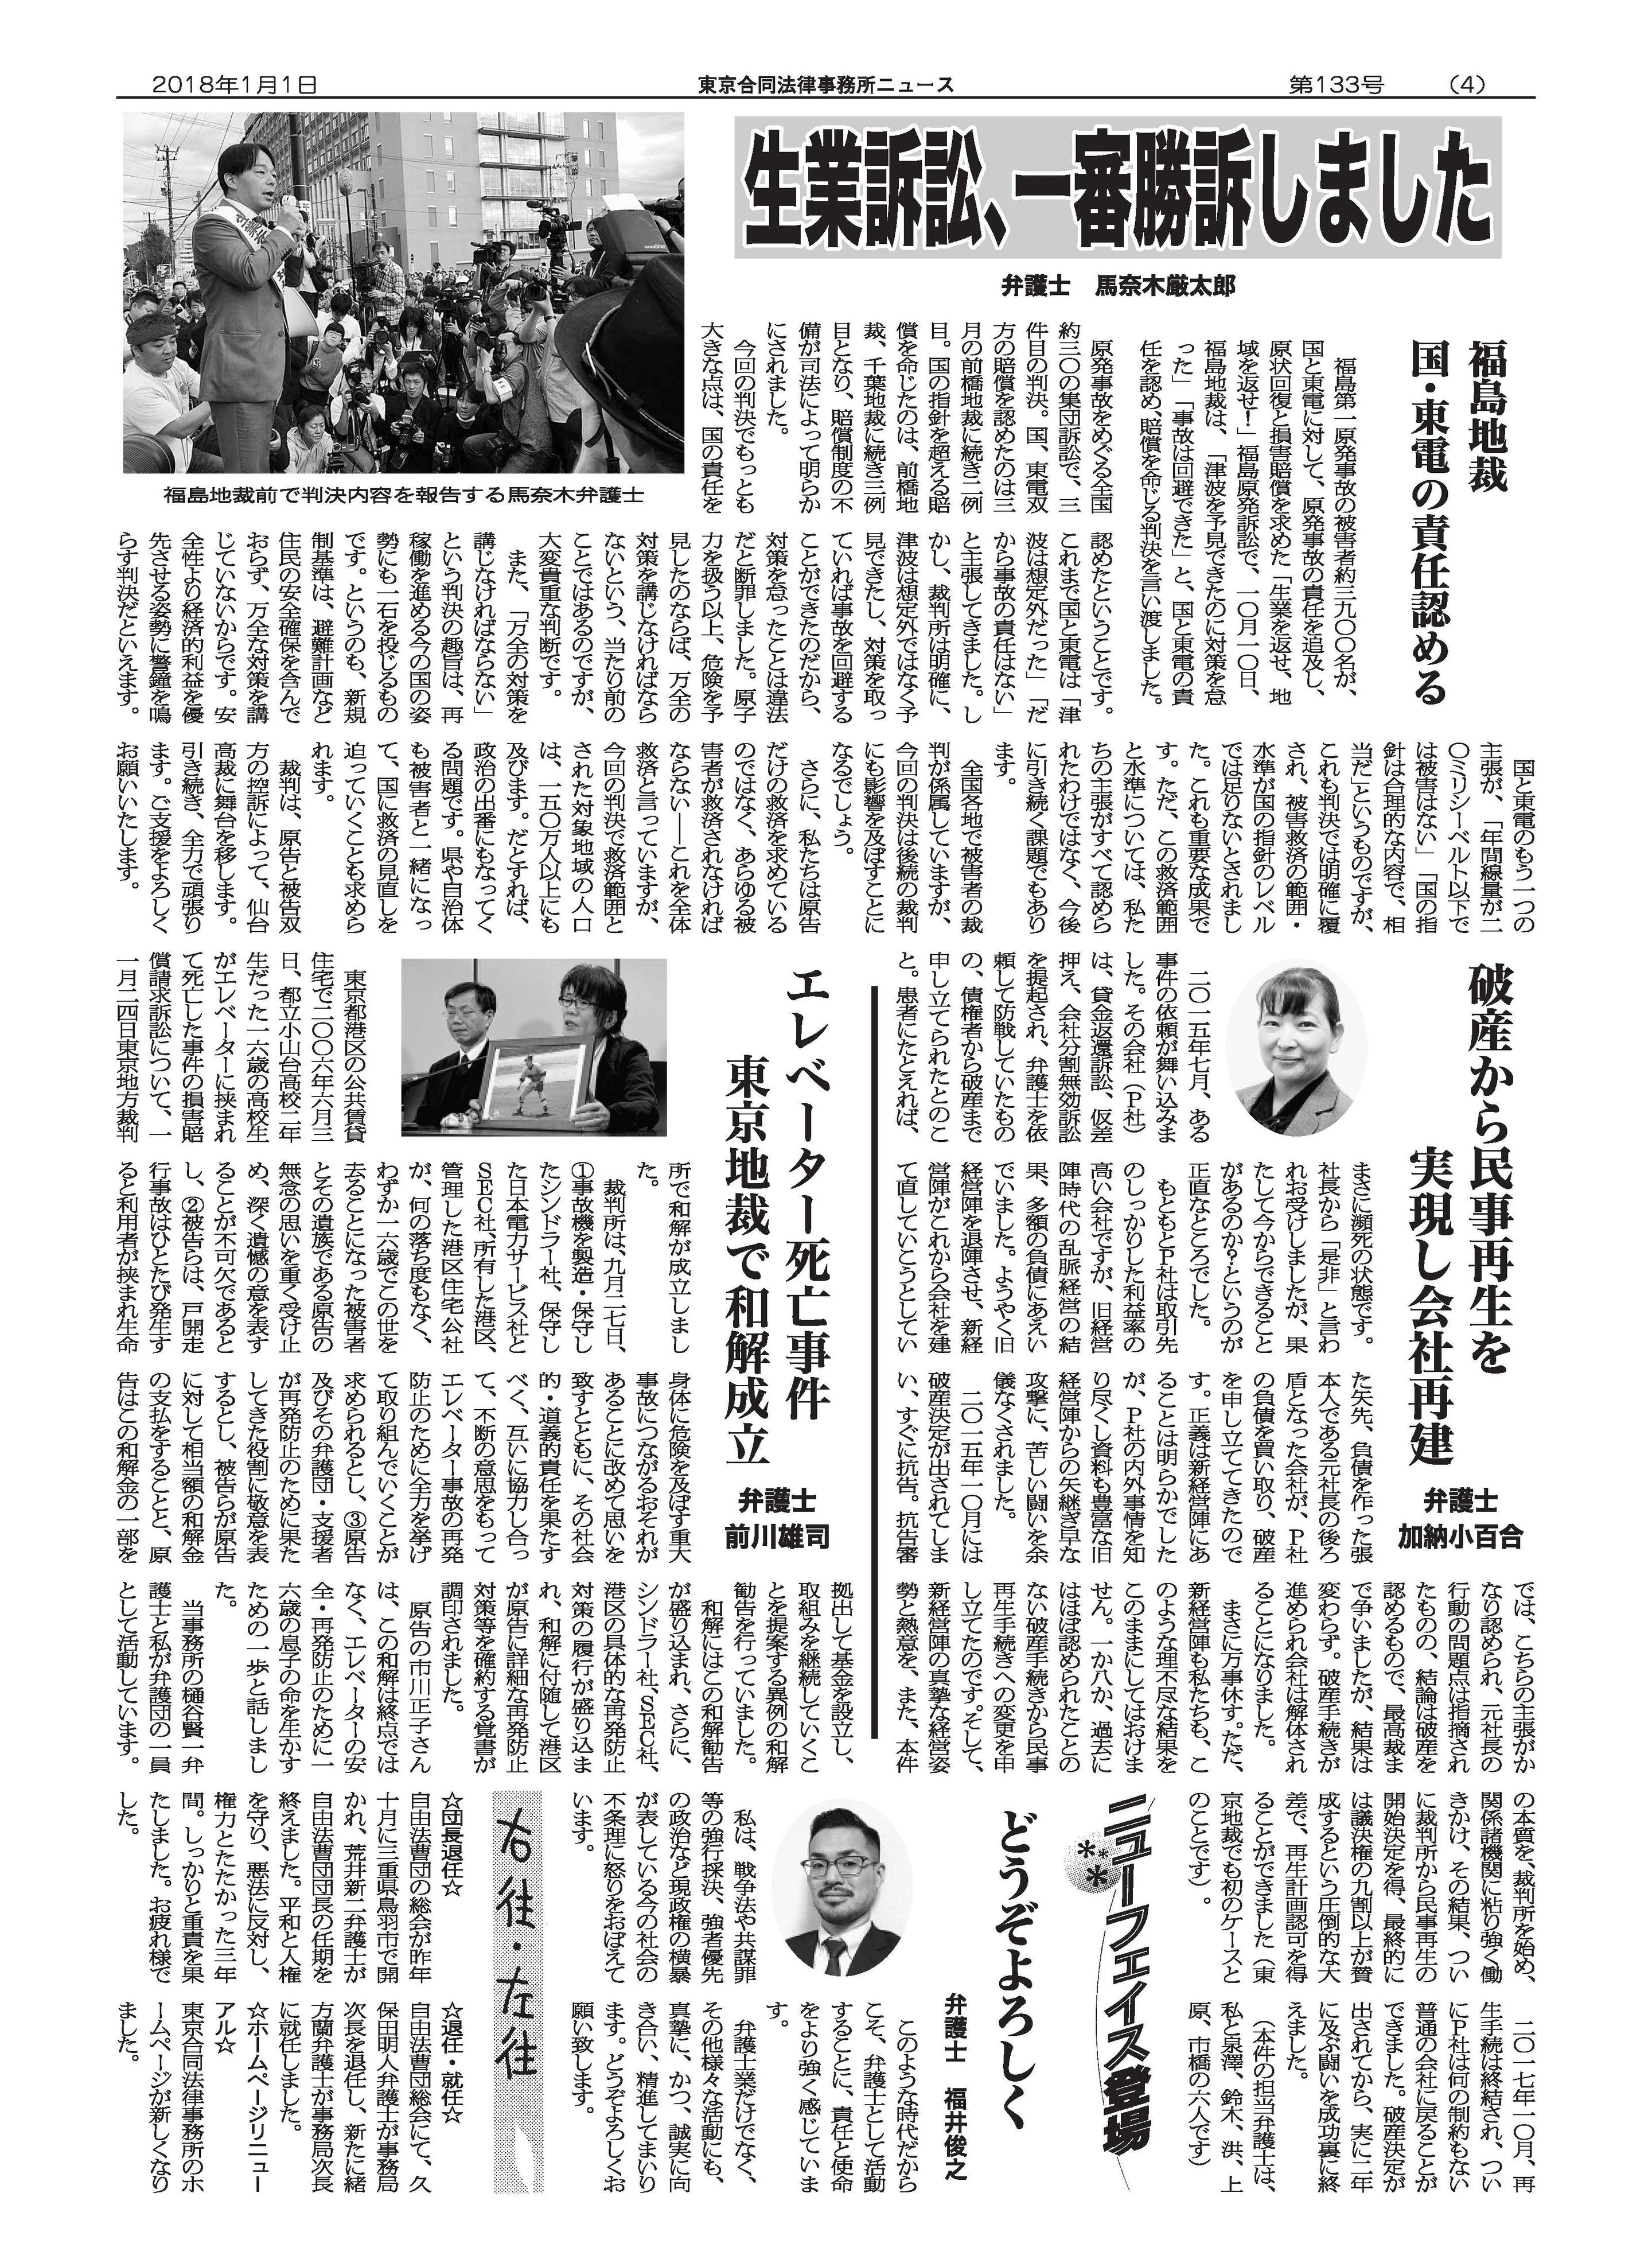 東京合同法律事務所ニュース第133号4面